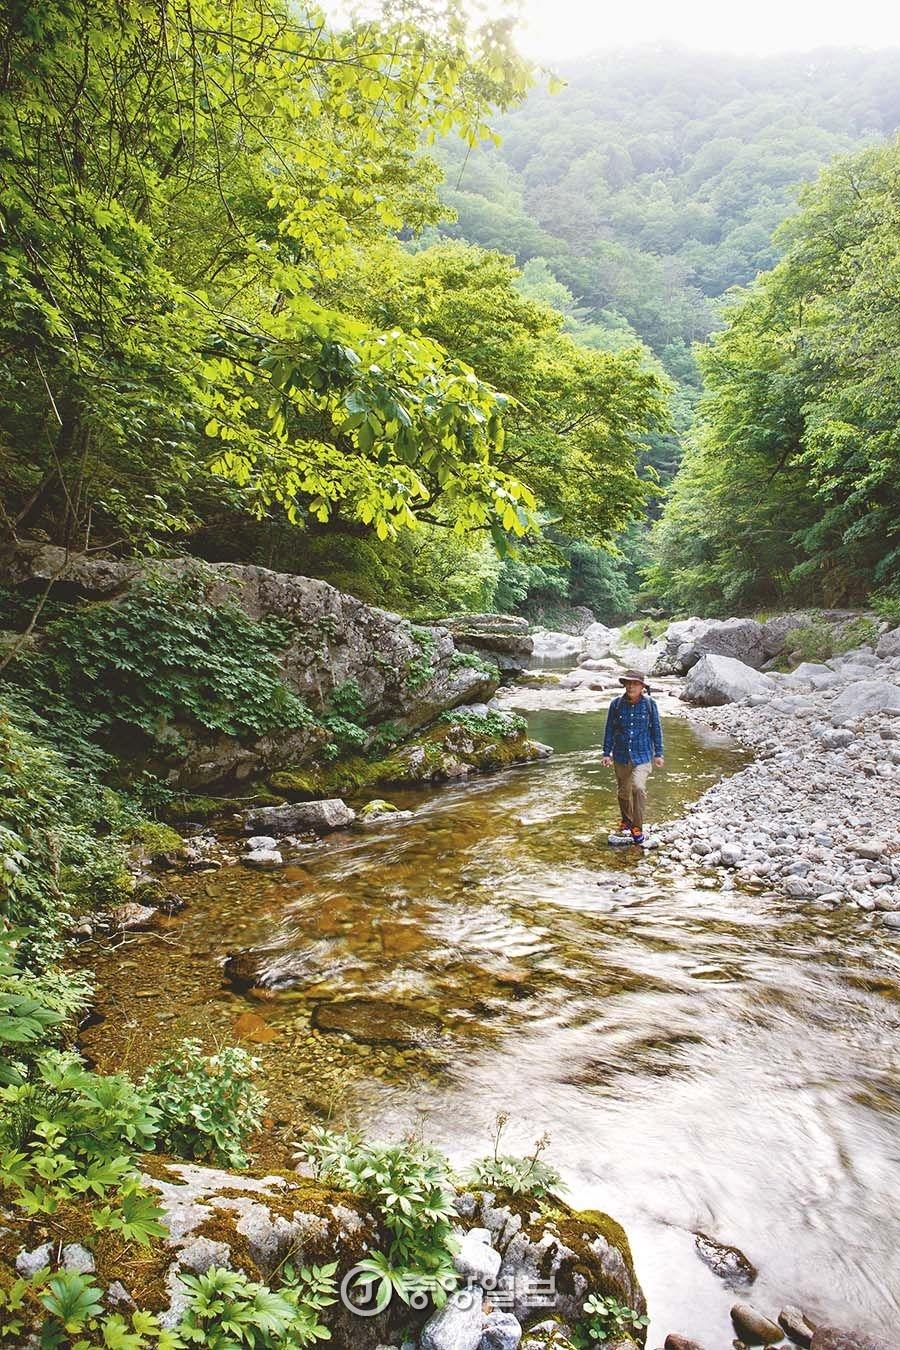 [커버스토리] 원시림 품은 맑은 계곡 발 담그니 절로 냉찜질